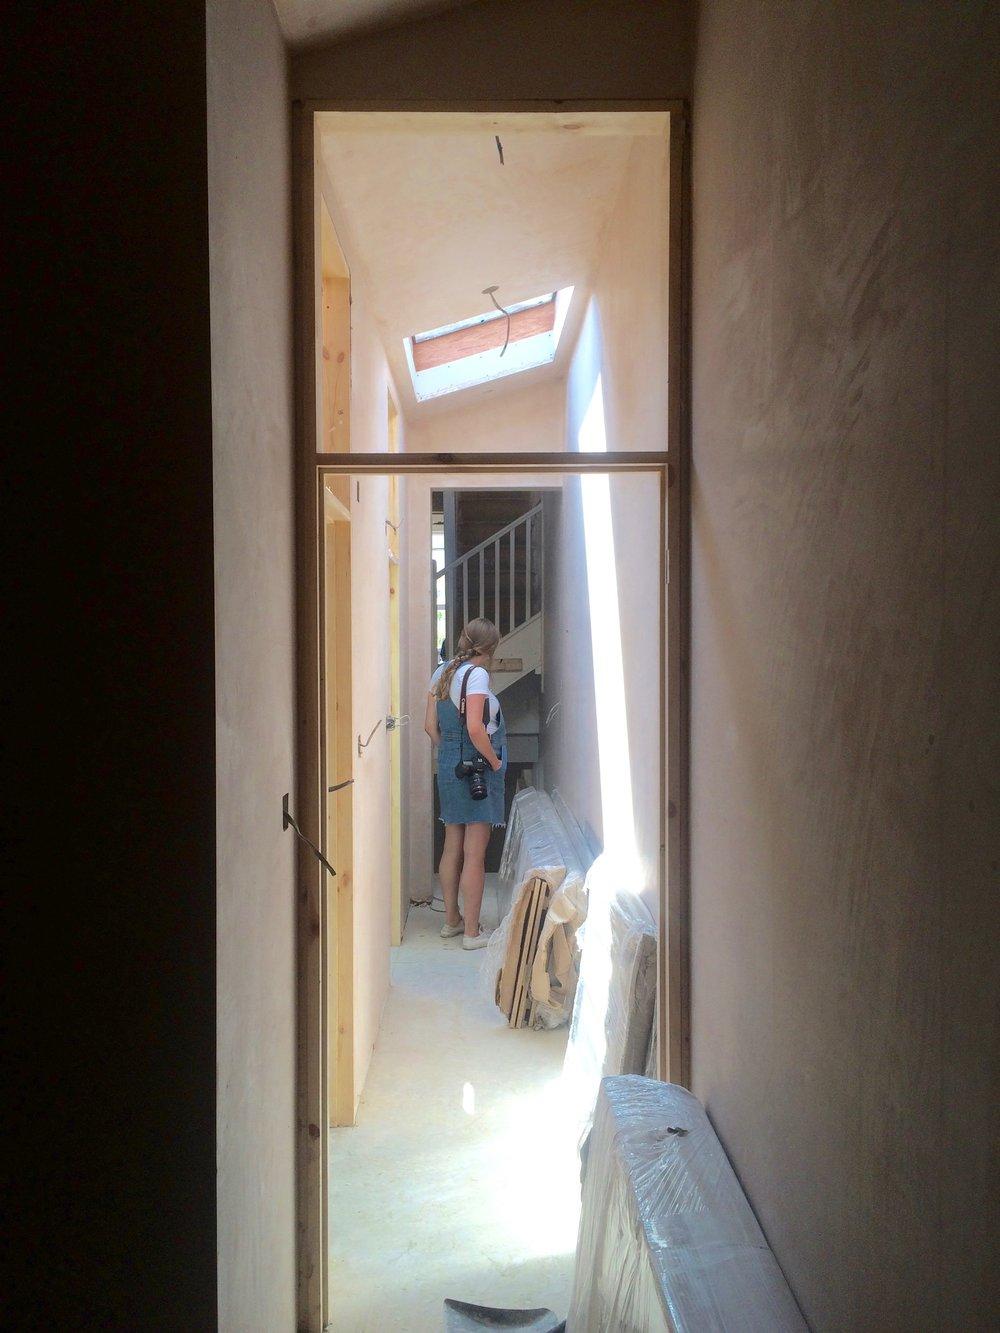 Over door lights and roof light underway